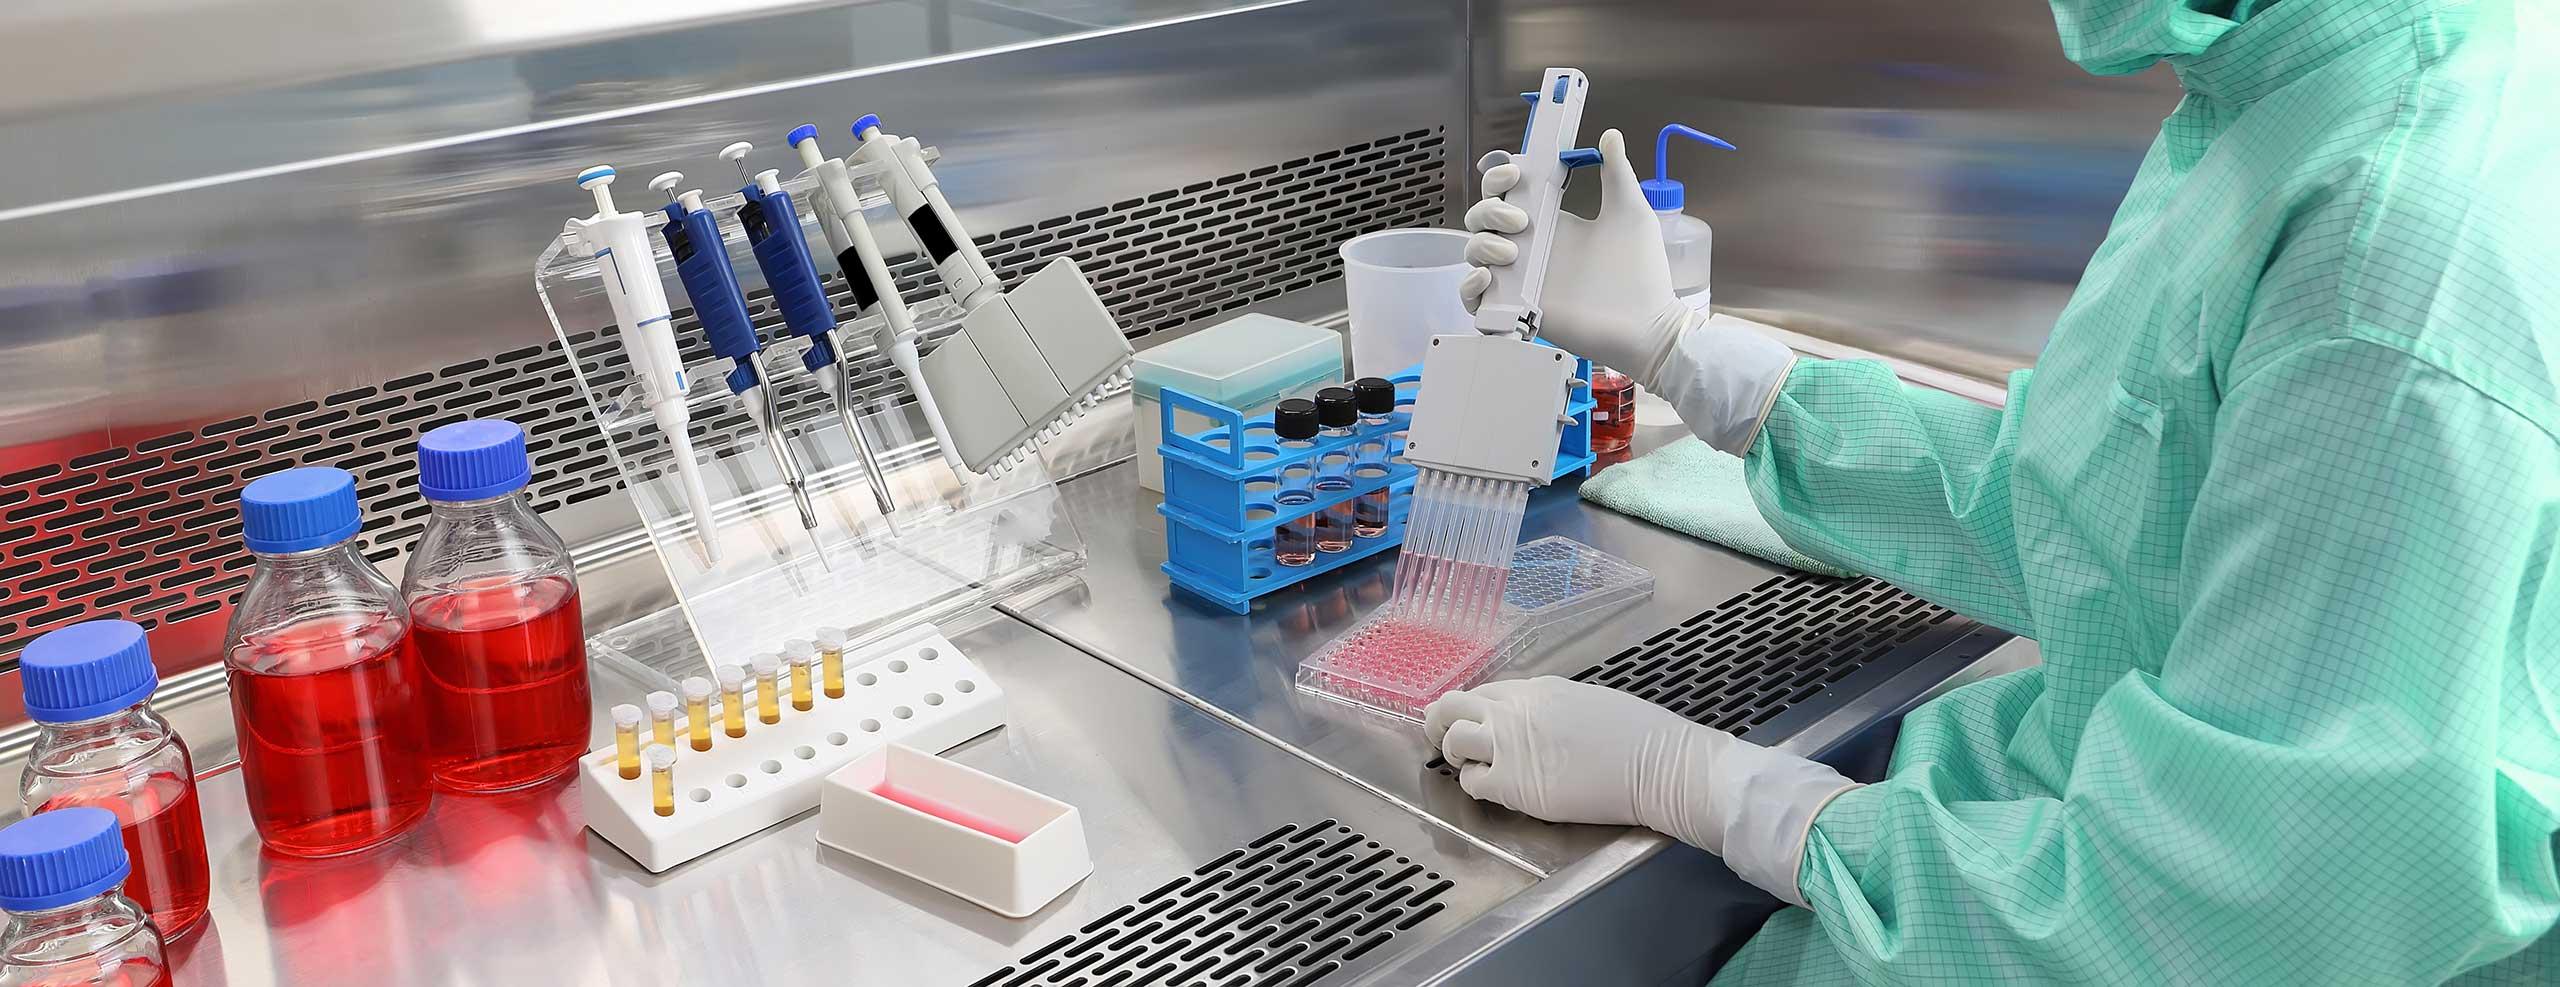 Laboratorio di Analisi Cliniche - Data Clinica